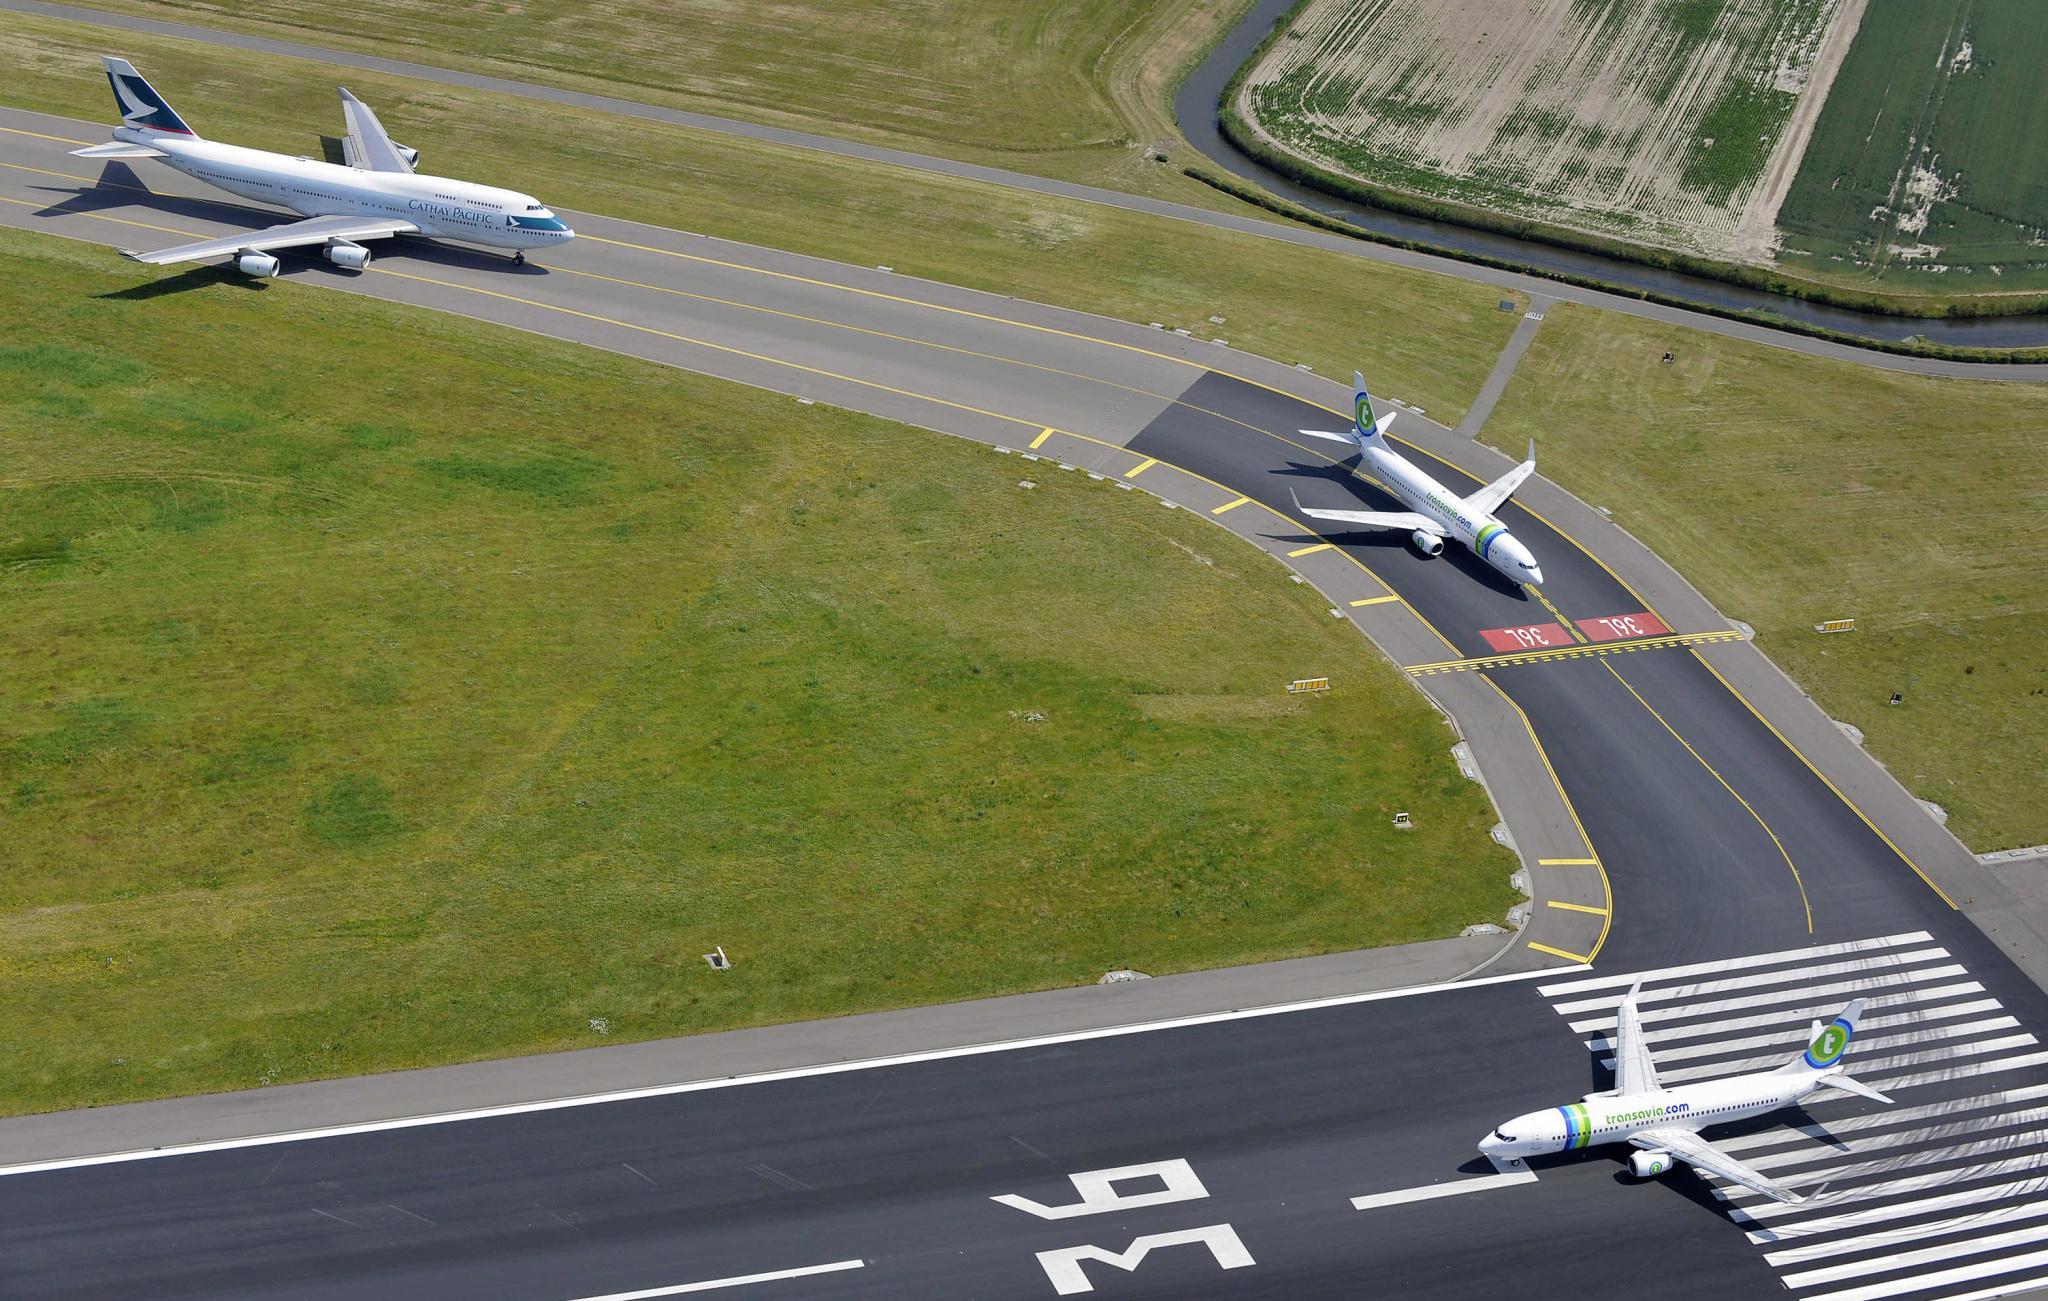 'Vliegtuiggeluid moet je meten, niet berekenen', vindt Heiloo-2000. De maatregelen van de minister moeten snel worden ingevoerd